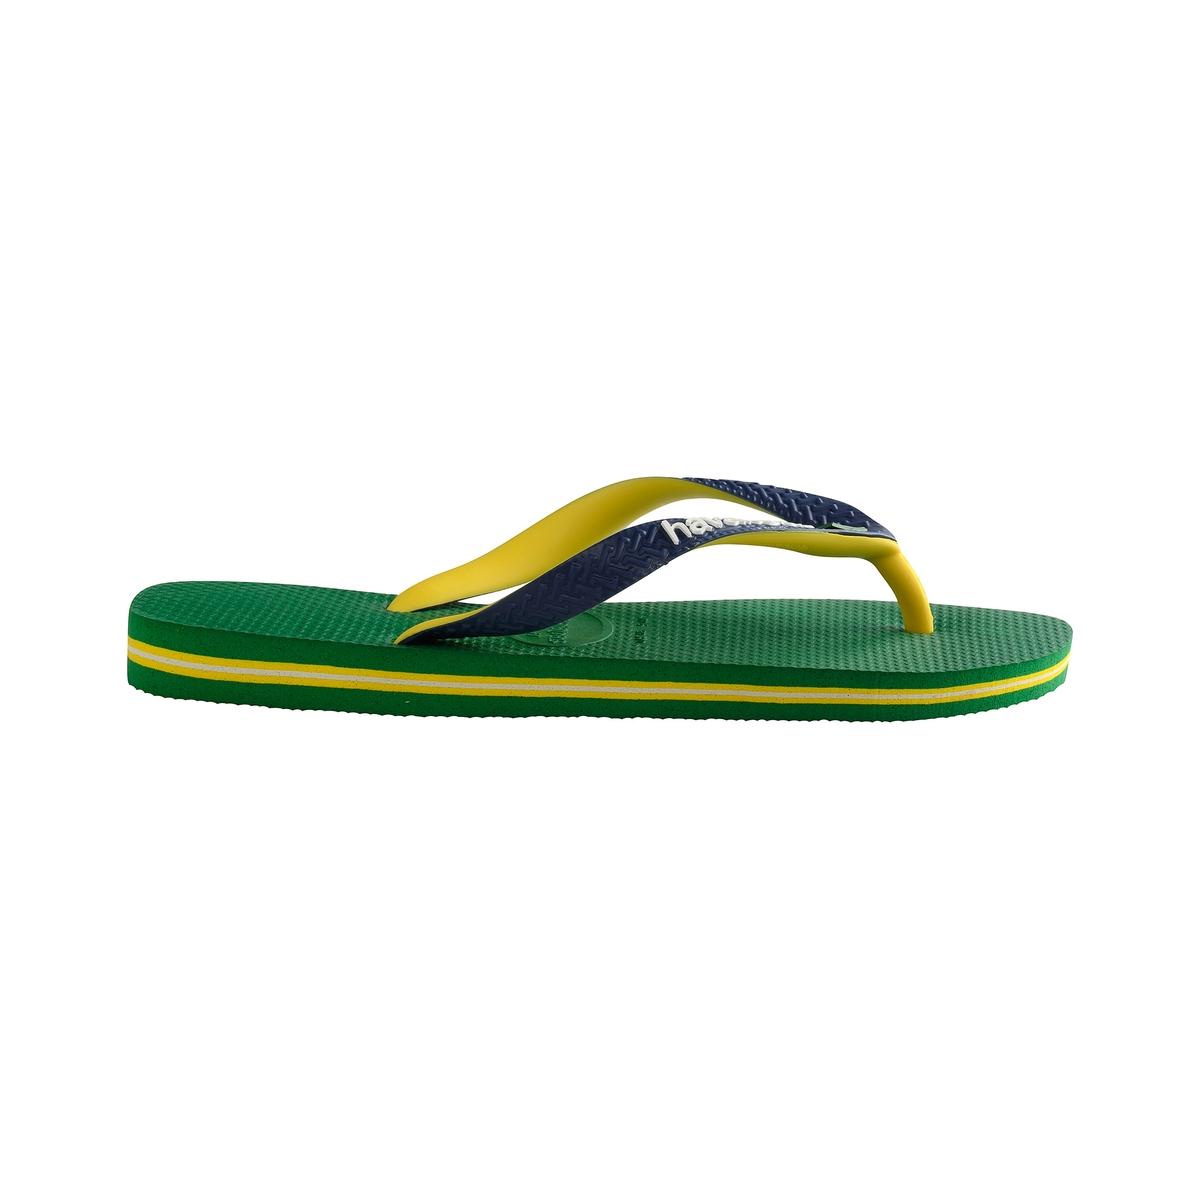 Вьетнамки Brasil MixВерх/Голенище : каучук   Стелька : каучук   Подошва : каучук   Форма каблука : плоский каблук   Мысок : открытый мысок   Застежка : без застежки<br><br>Цвет: зеленый<br>Размер: 45/46